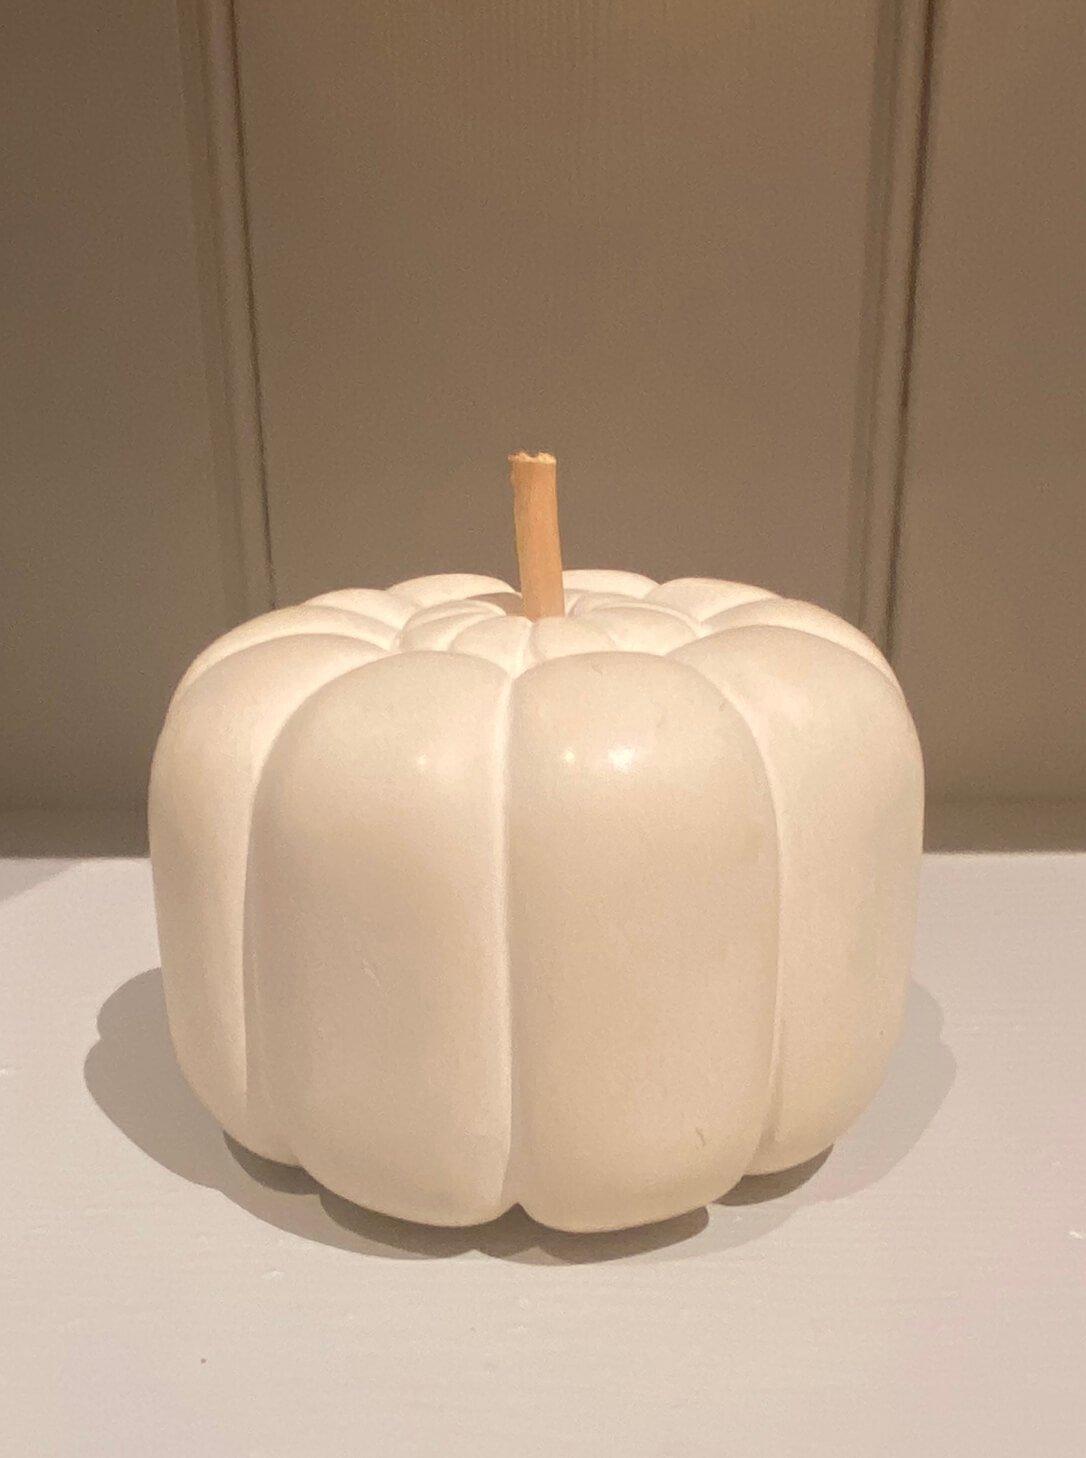 Pumpkin by Moira Ross